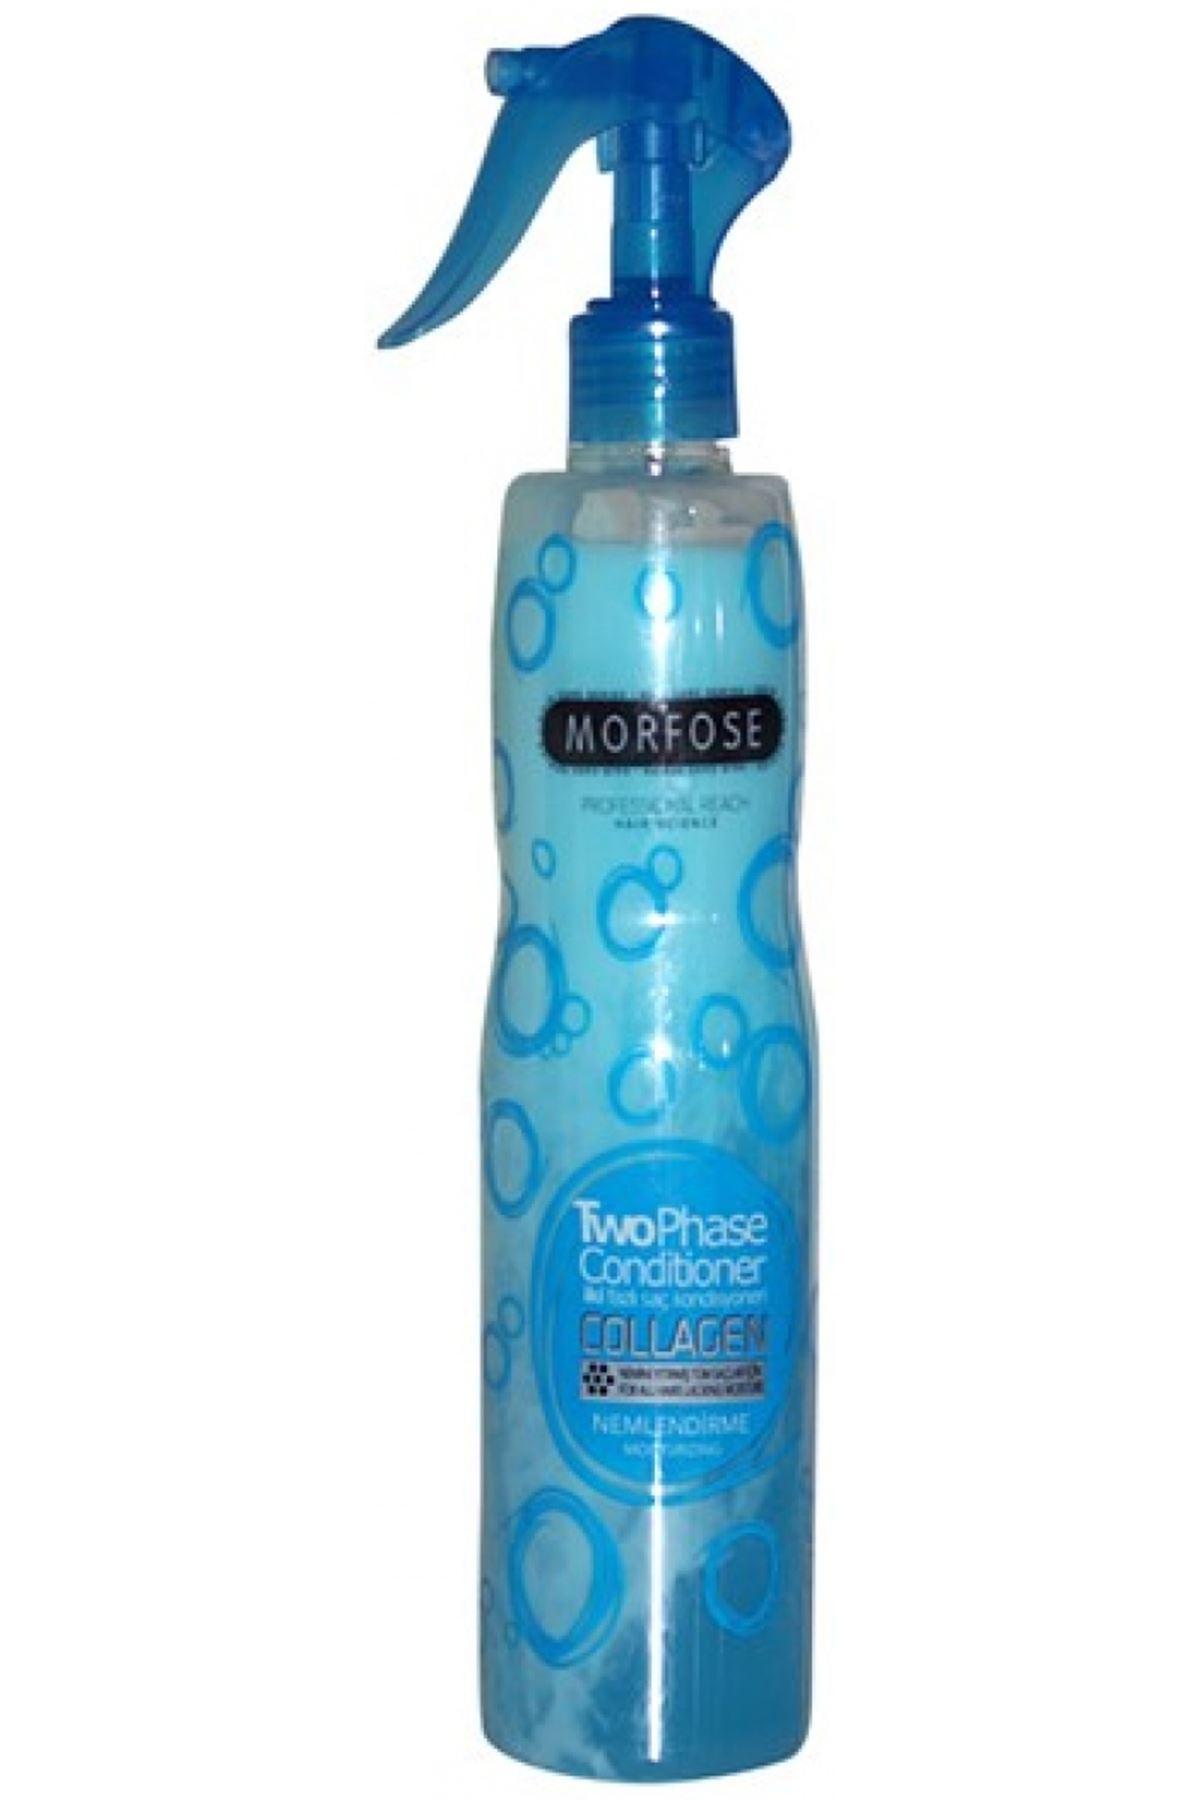 Morfose Mavi Kolajen İçerikli Çift Fazlı Fön Suyu 400 ml